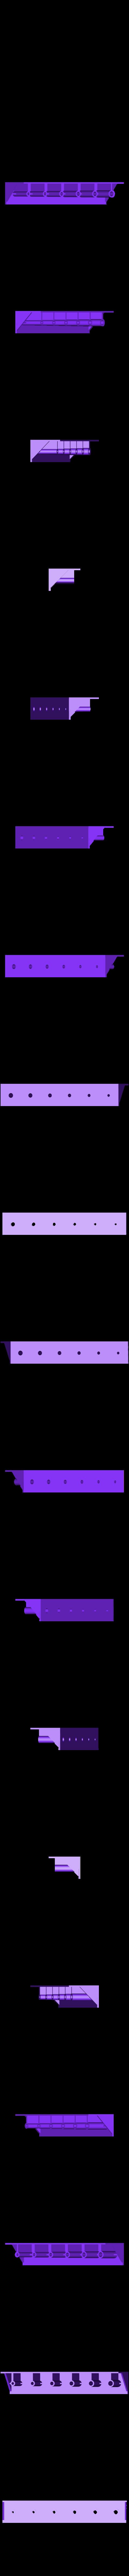 """ToolHolderProgressiveHoleSizes.stl Télécharger fichier STL gratuit Porte-outil (""""OpenSCAD Parametric"""") • Objet imprimable en 3D, HelibertoFranco"""